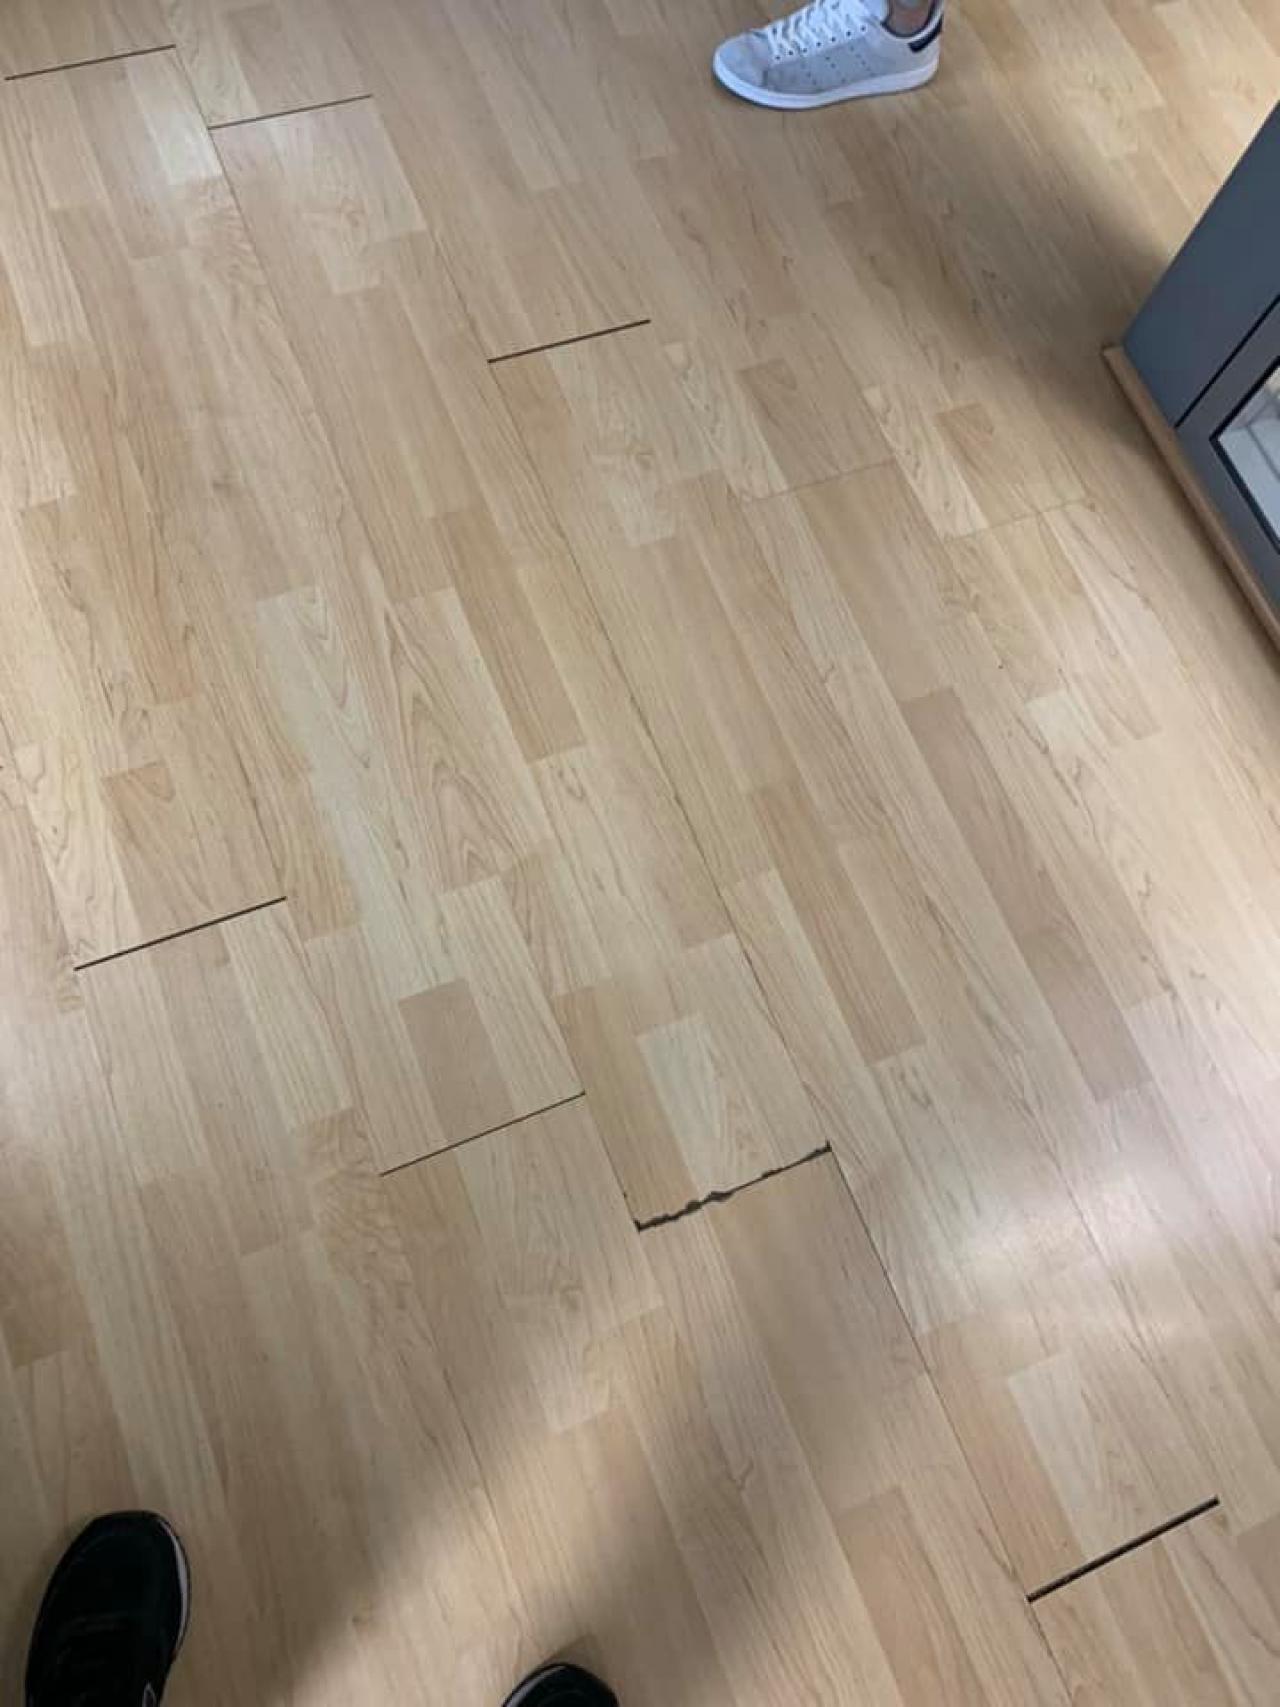 Pro E Contro Del Laminato laminato per pavimenti - a vicenza da fratelli pellizzari